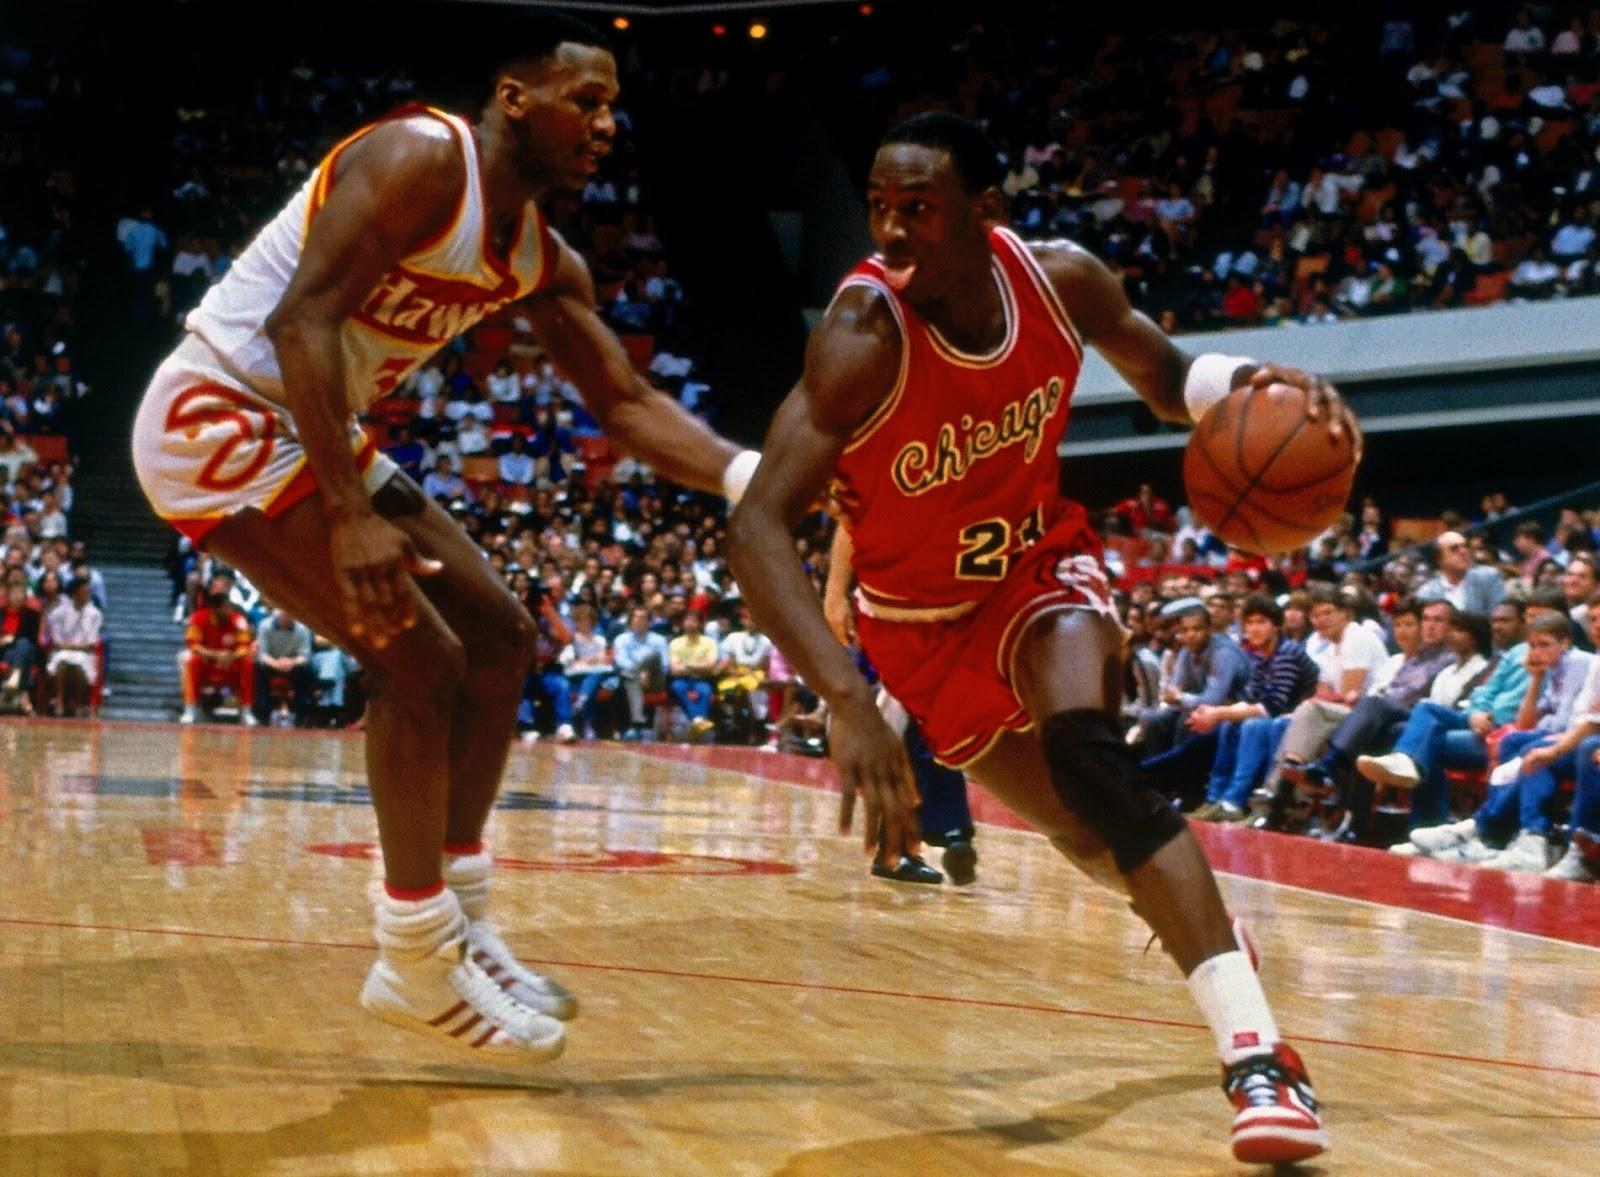 """Mùa hè năm 1985, Jordan hoàn thành mùa giải bóng rổ chuyên nghiệp đầu tiên với Chicago Bulls với danh hiệu """"Tân binh của năm"""